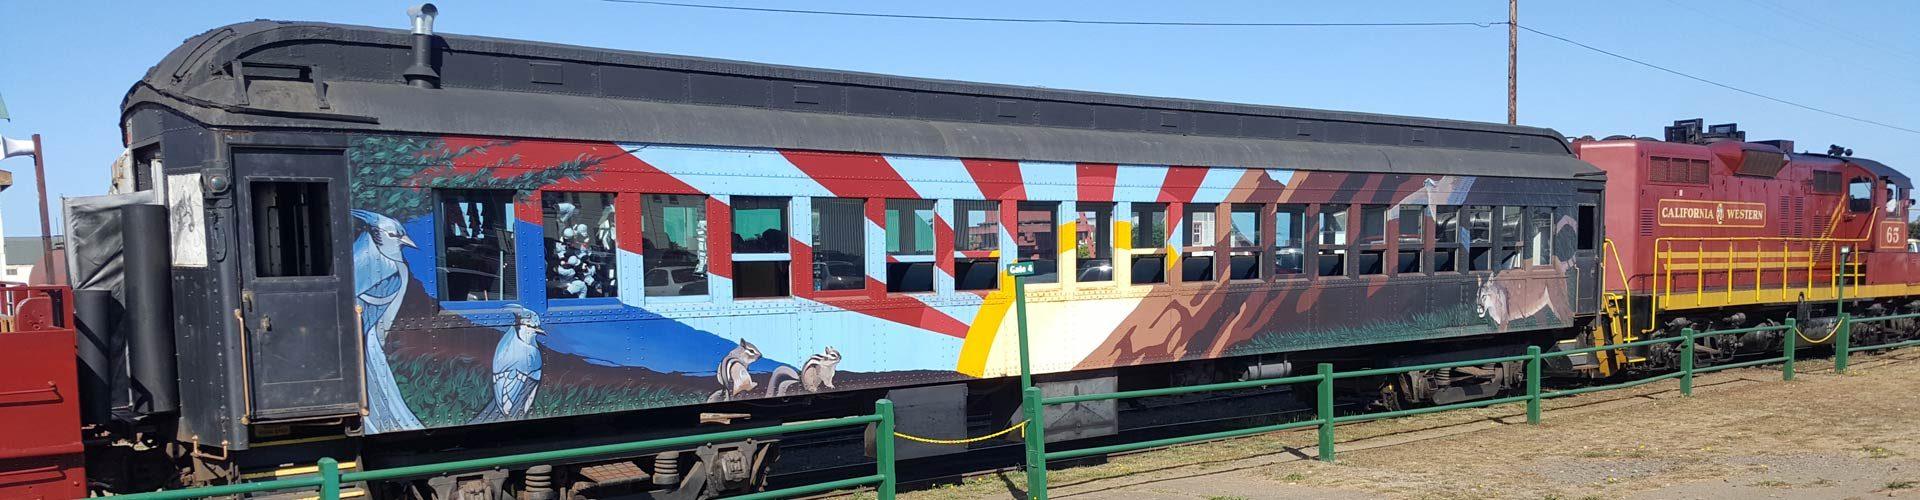 Skunk Train, Mendocino County